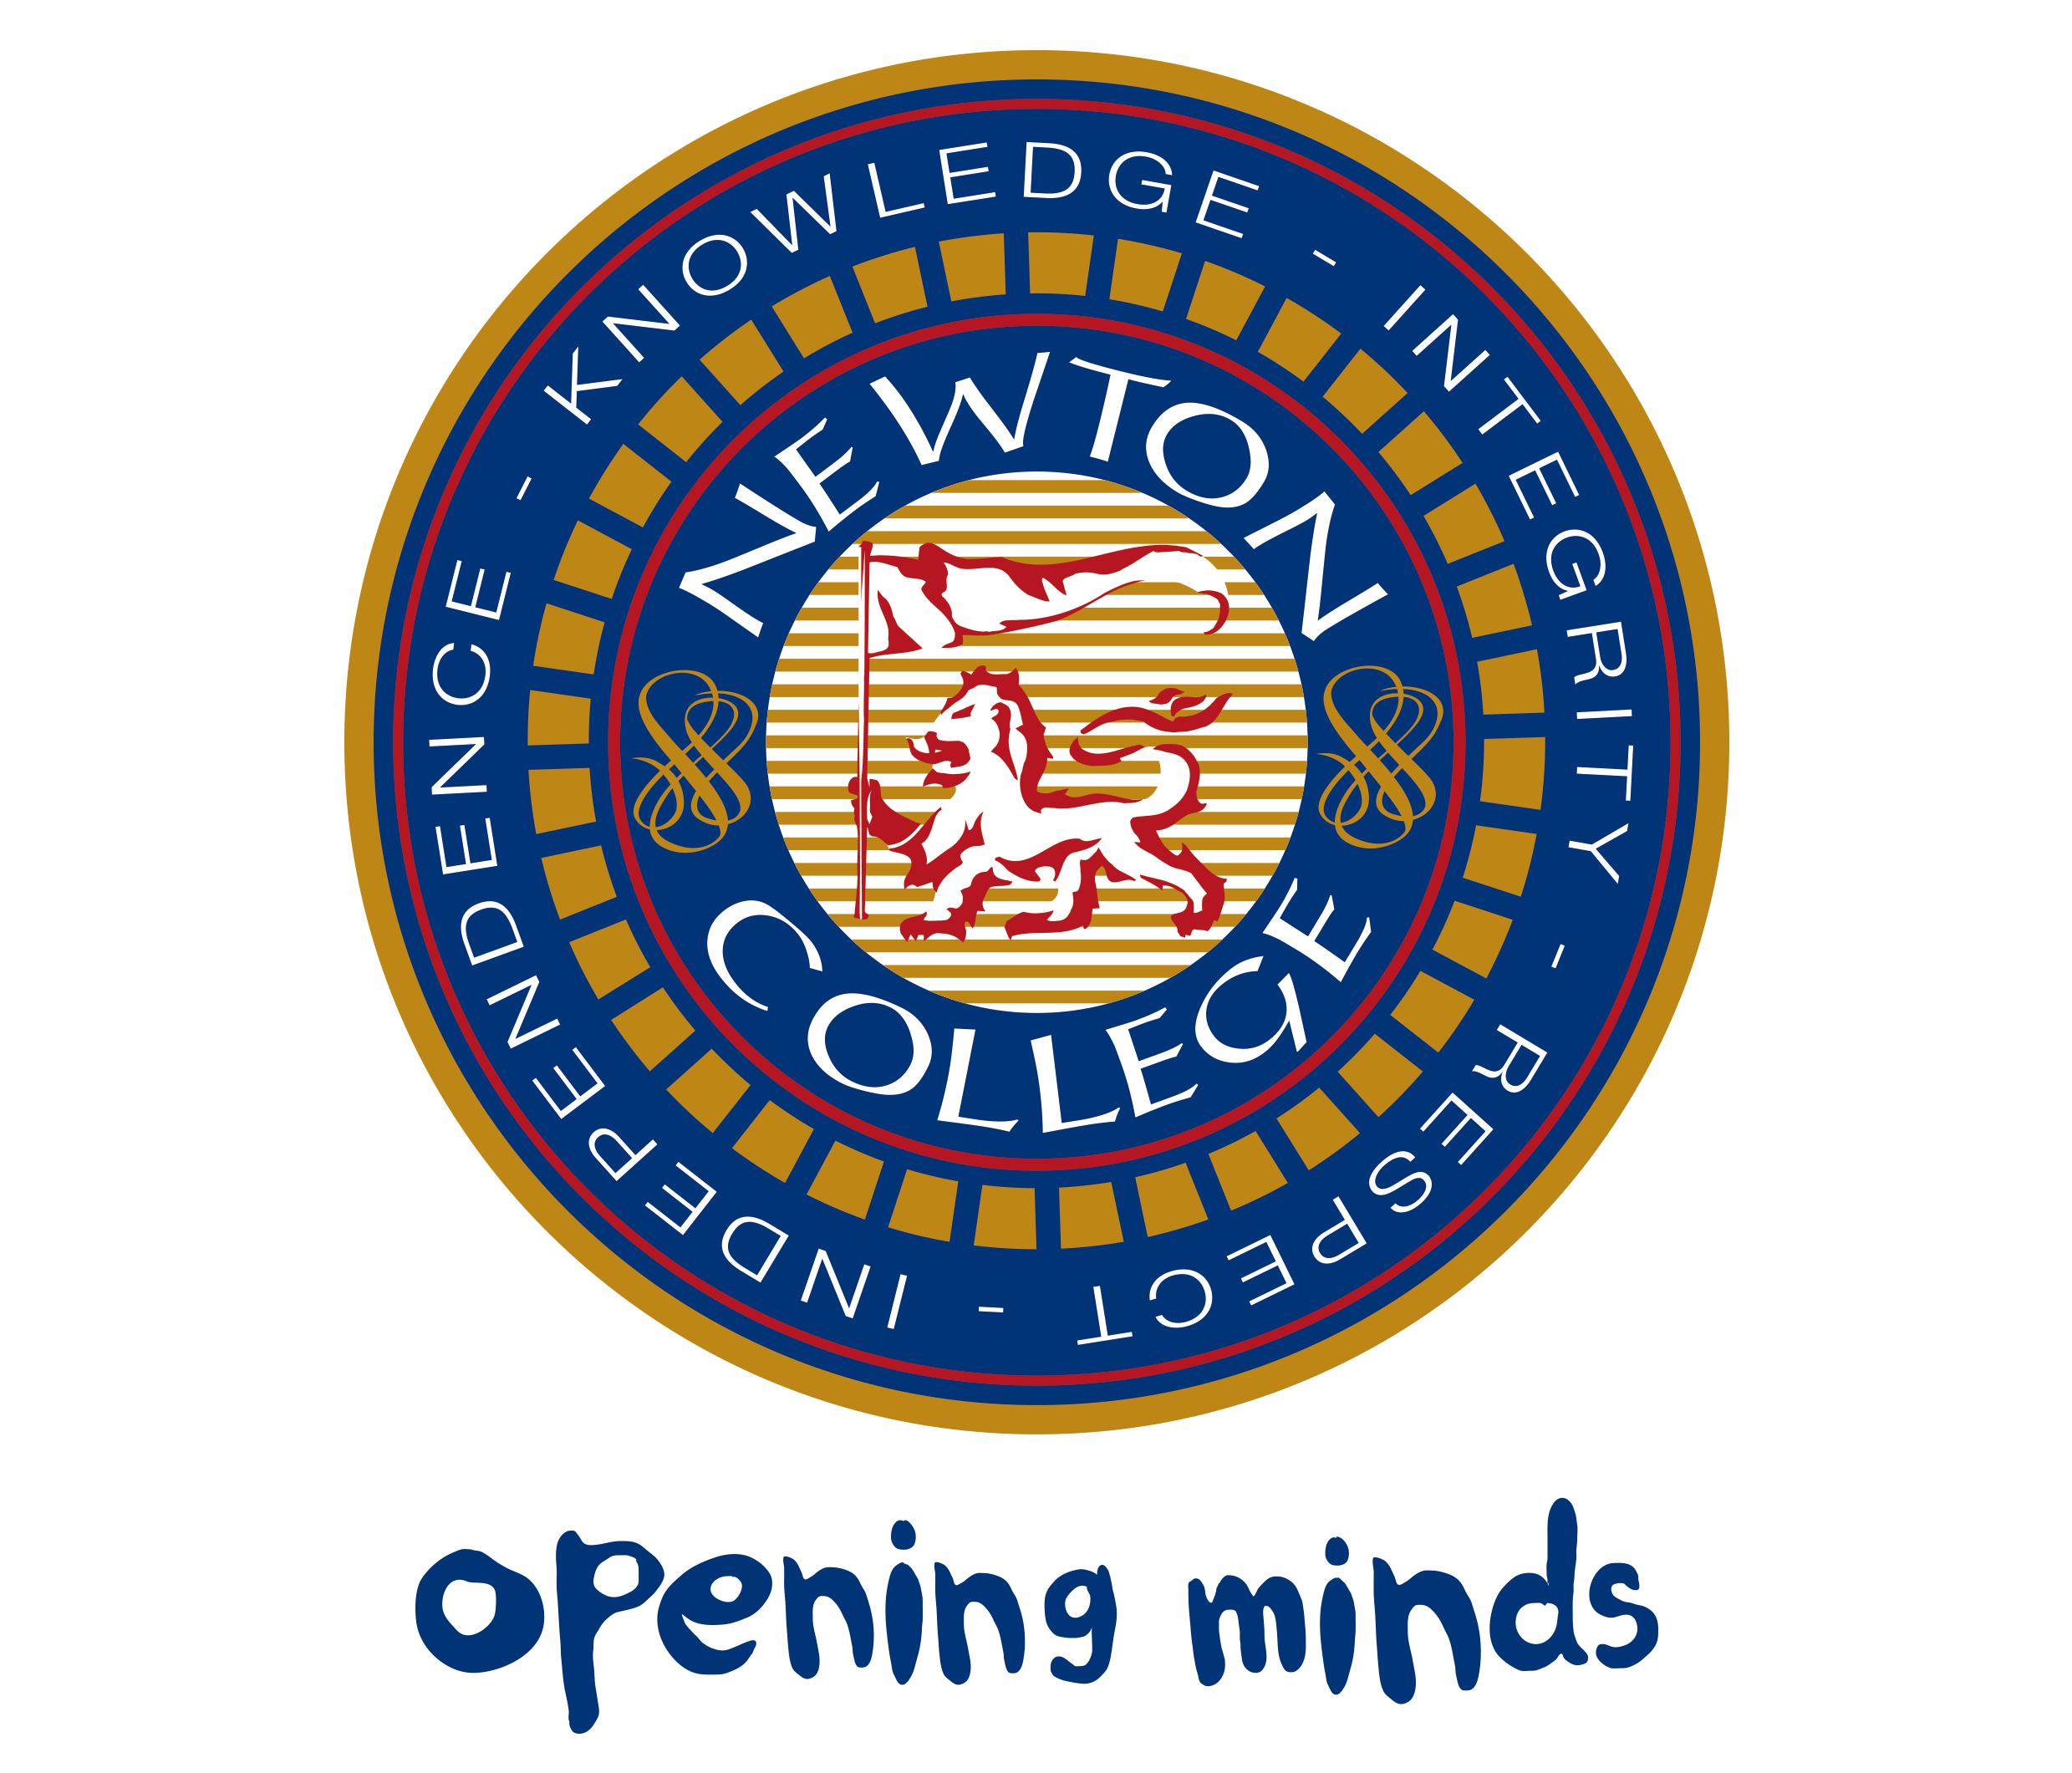 Laude Newton College Logo